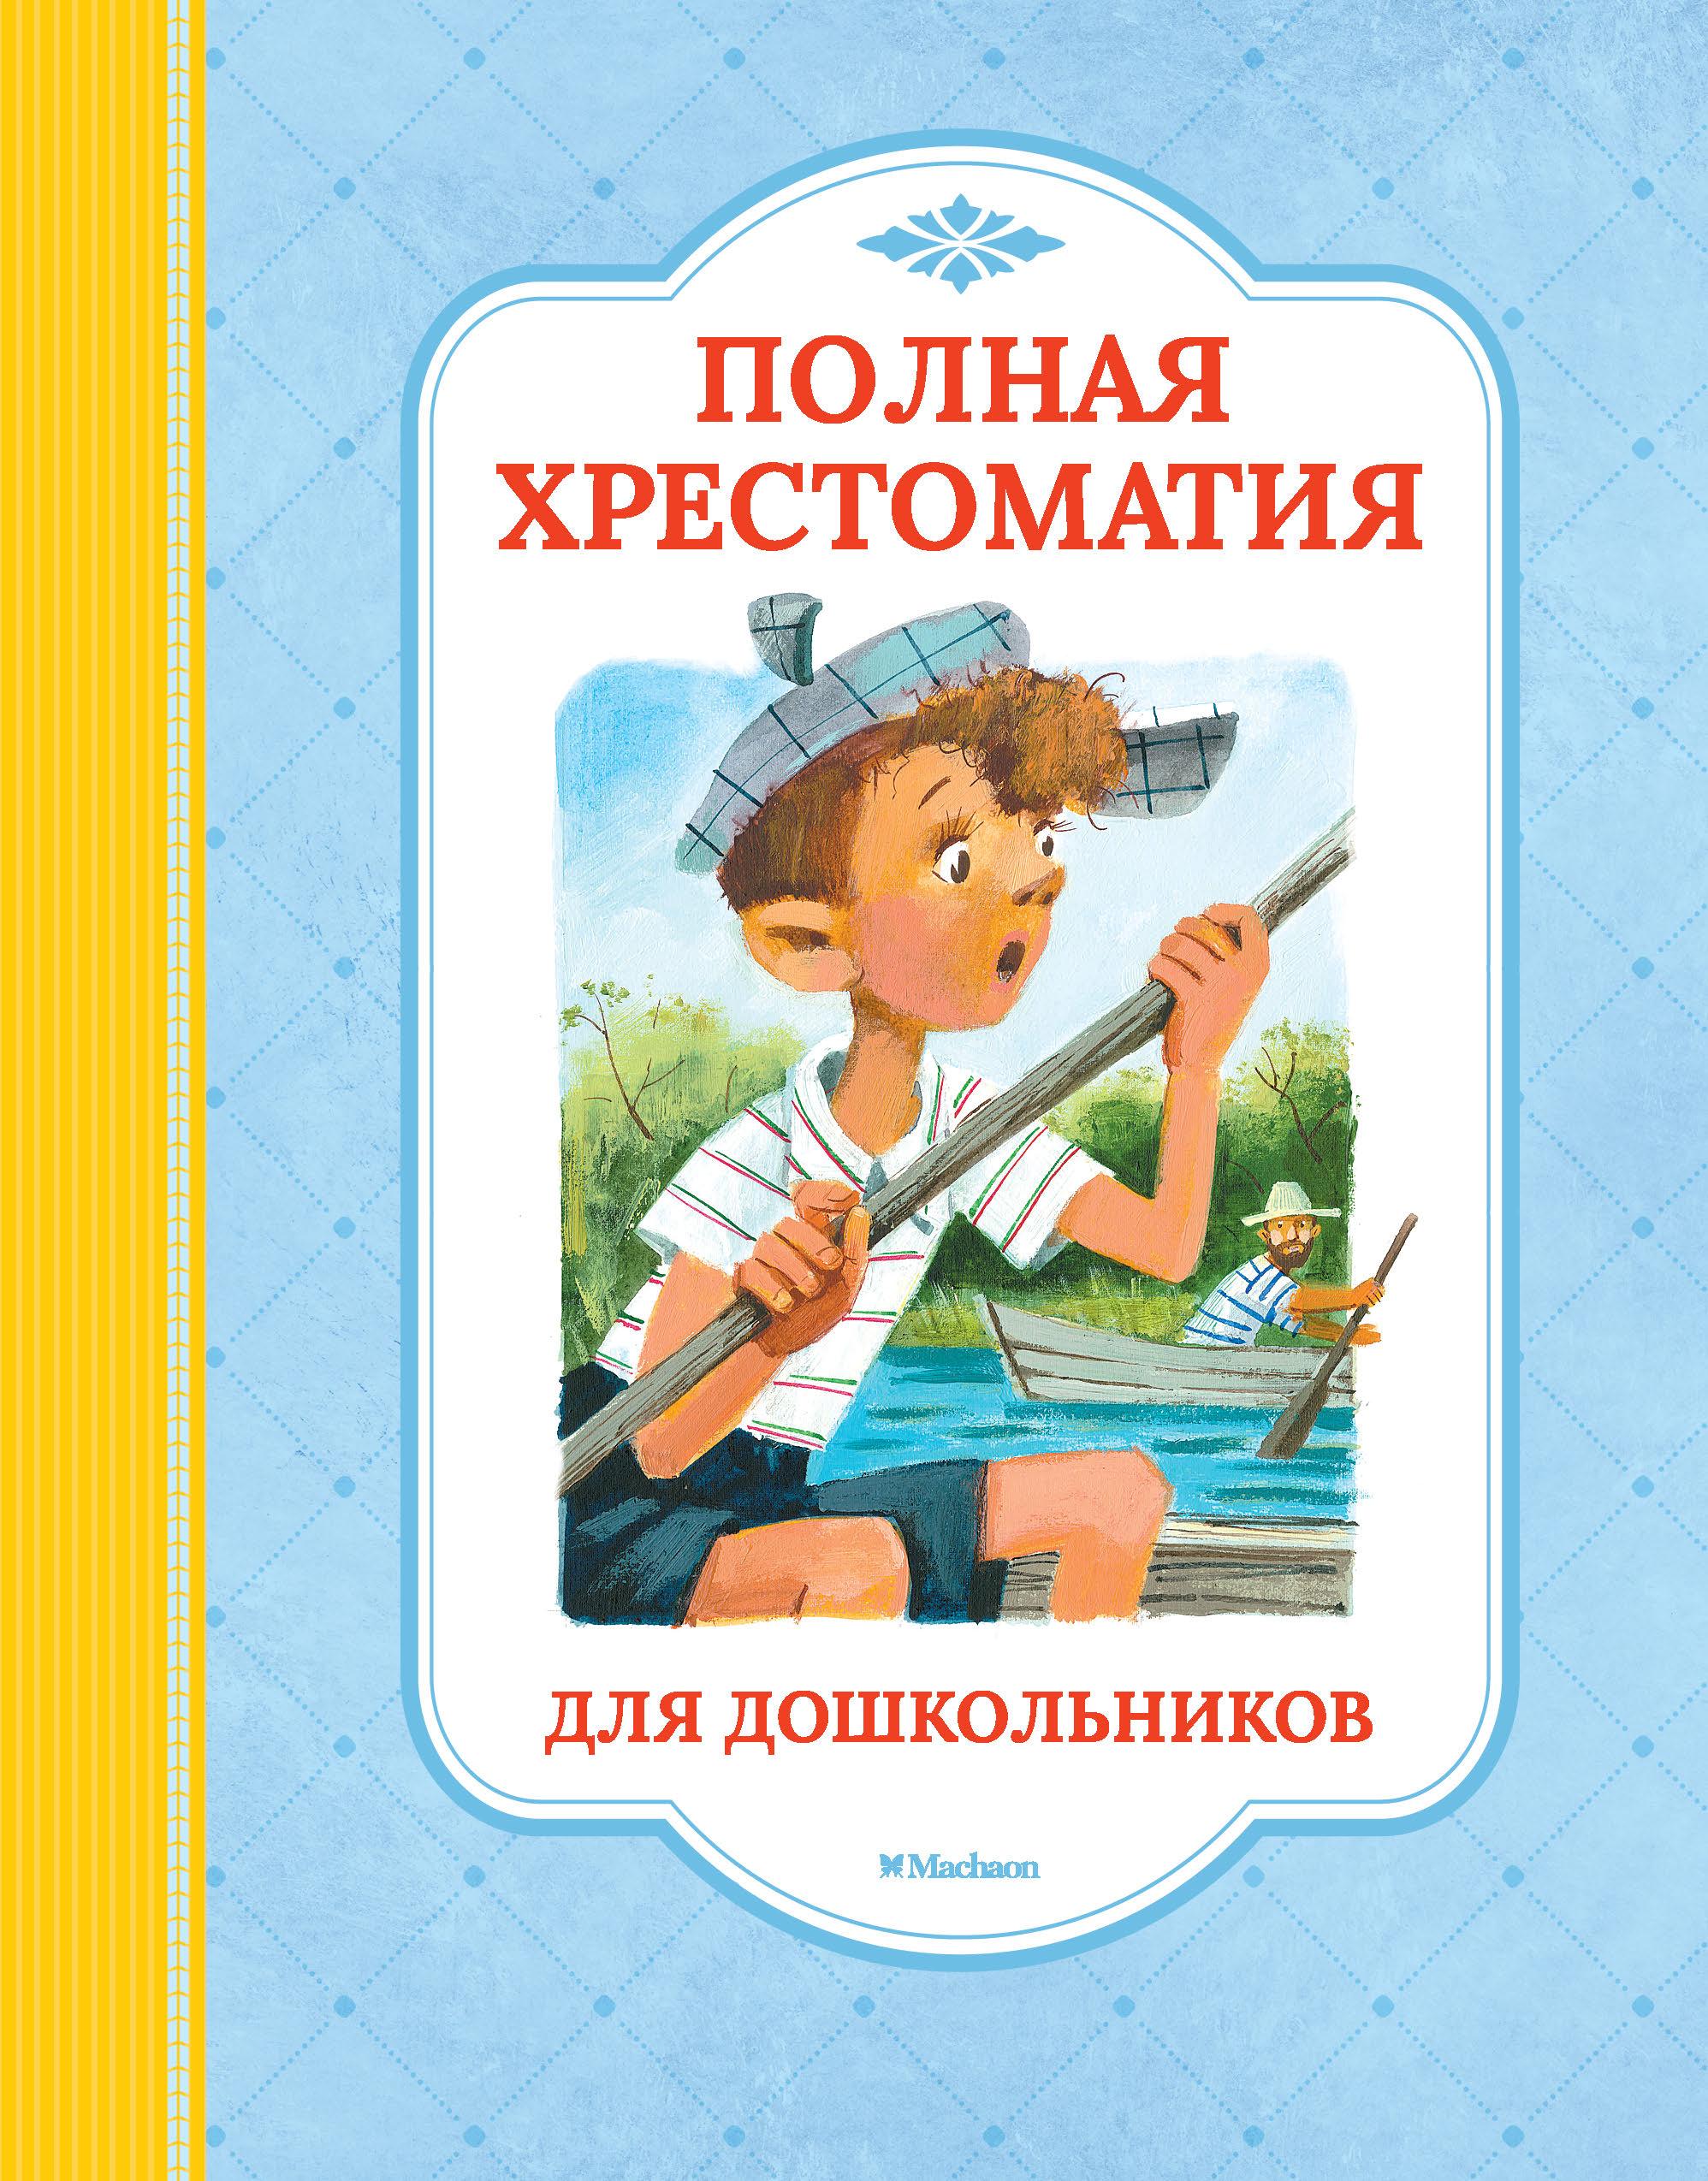 Полная хрестоматия для дошкольников рассказы и сказки